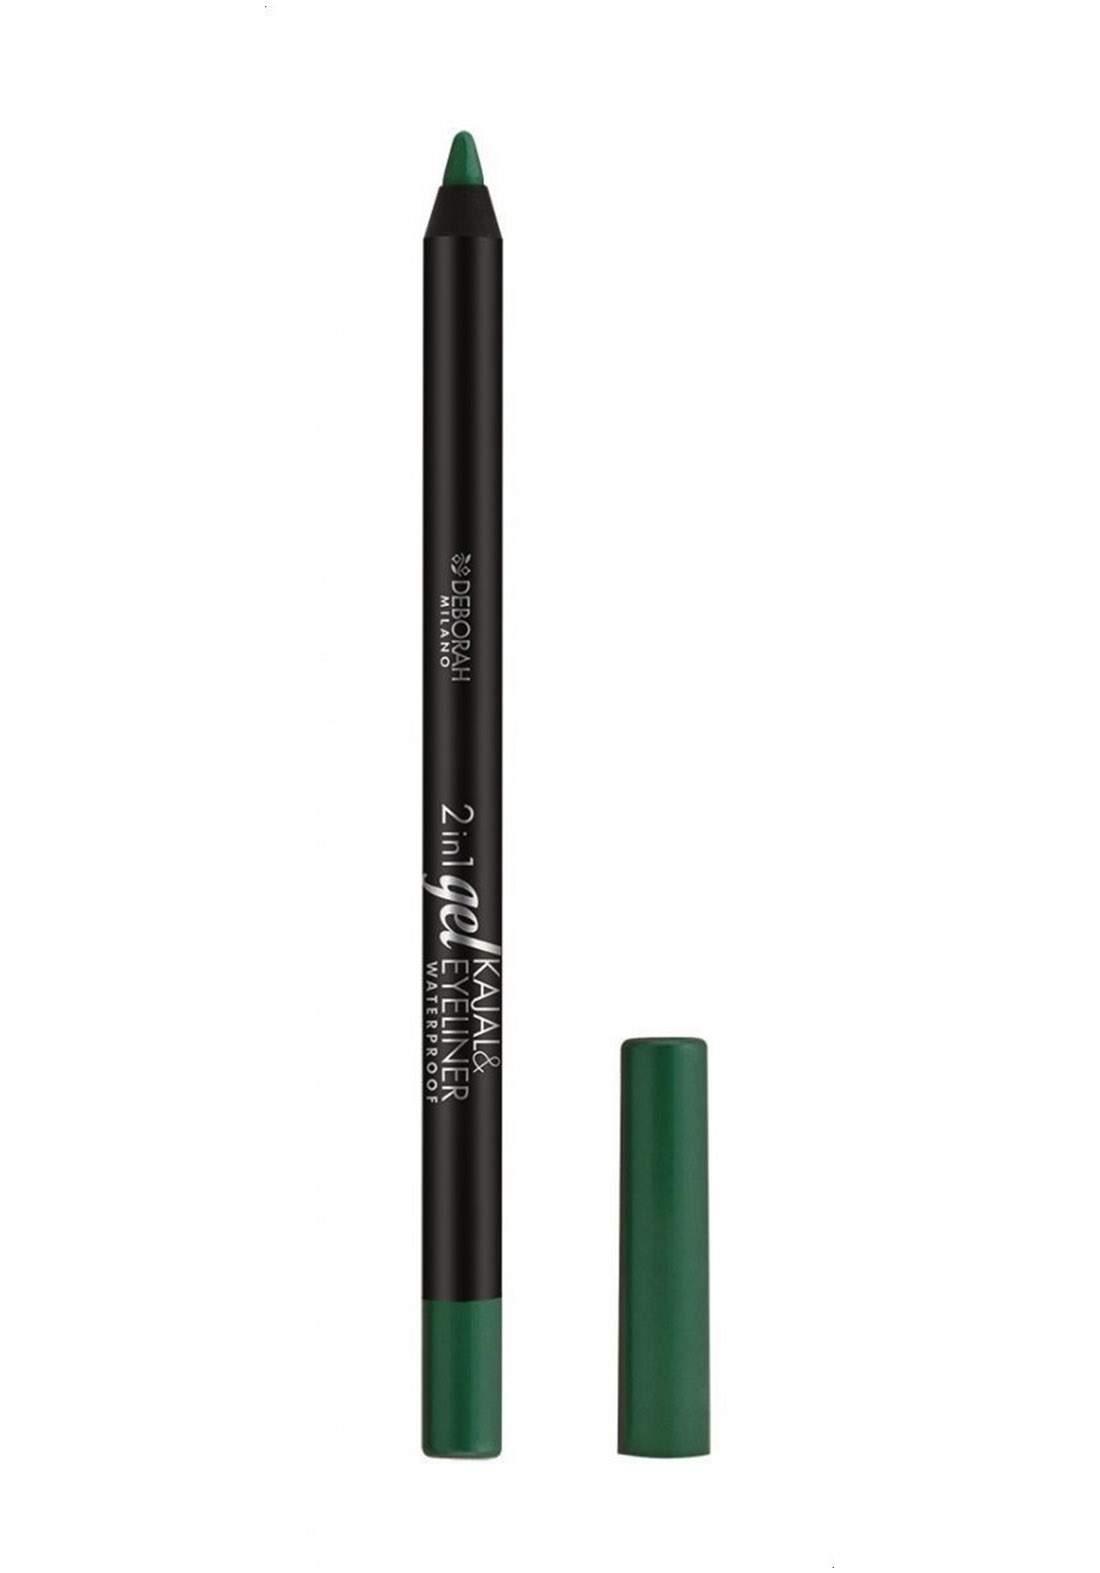 Deborah Milano 2-in-1 Eye Liner, Light Green - No. 11 كحل للعين أخضر اللون